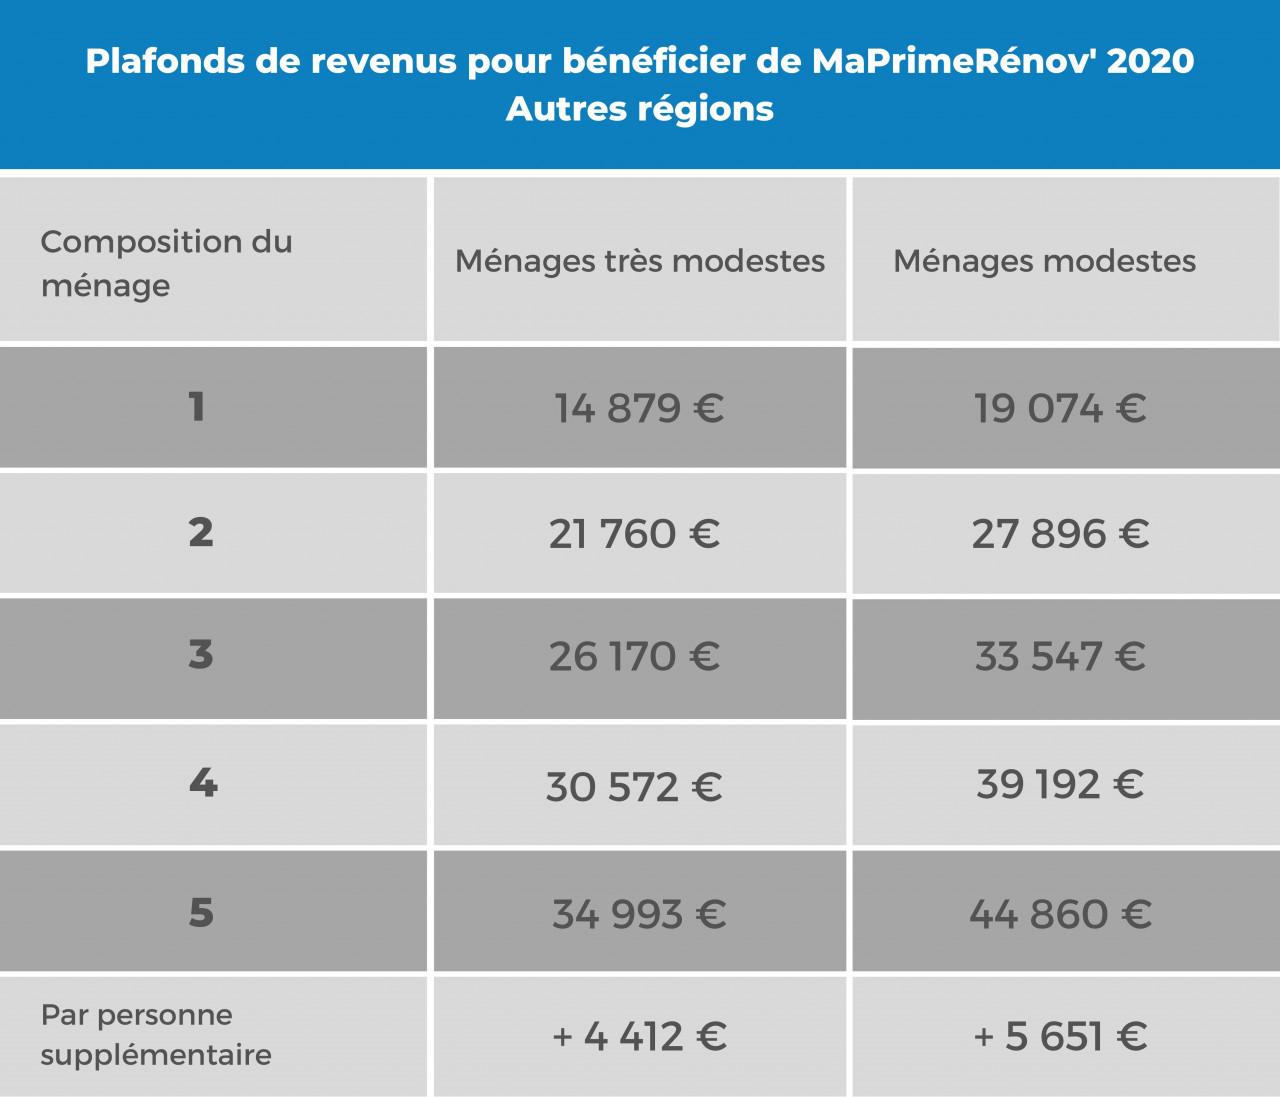 Bénéficier de MaPrimeRénov' pour des travaux de rénovation énergétique : conditions, montant et demande